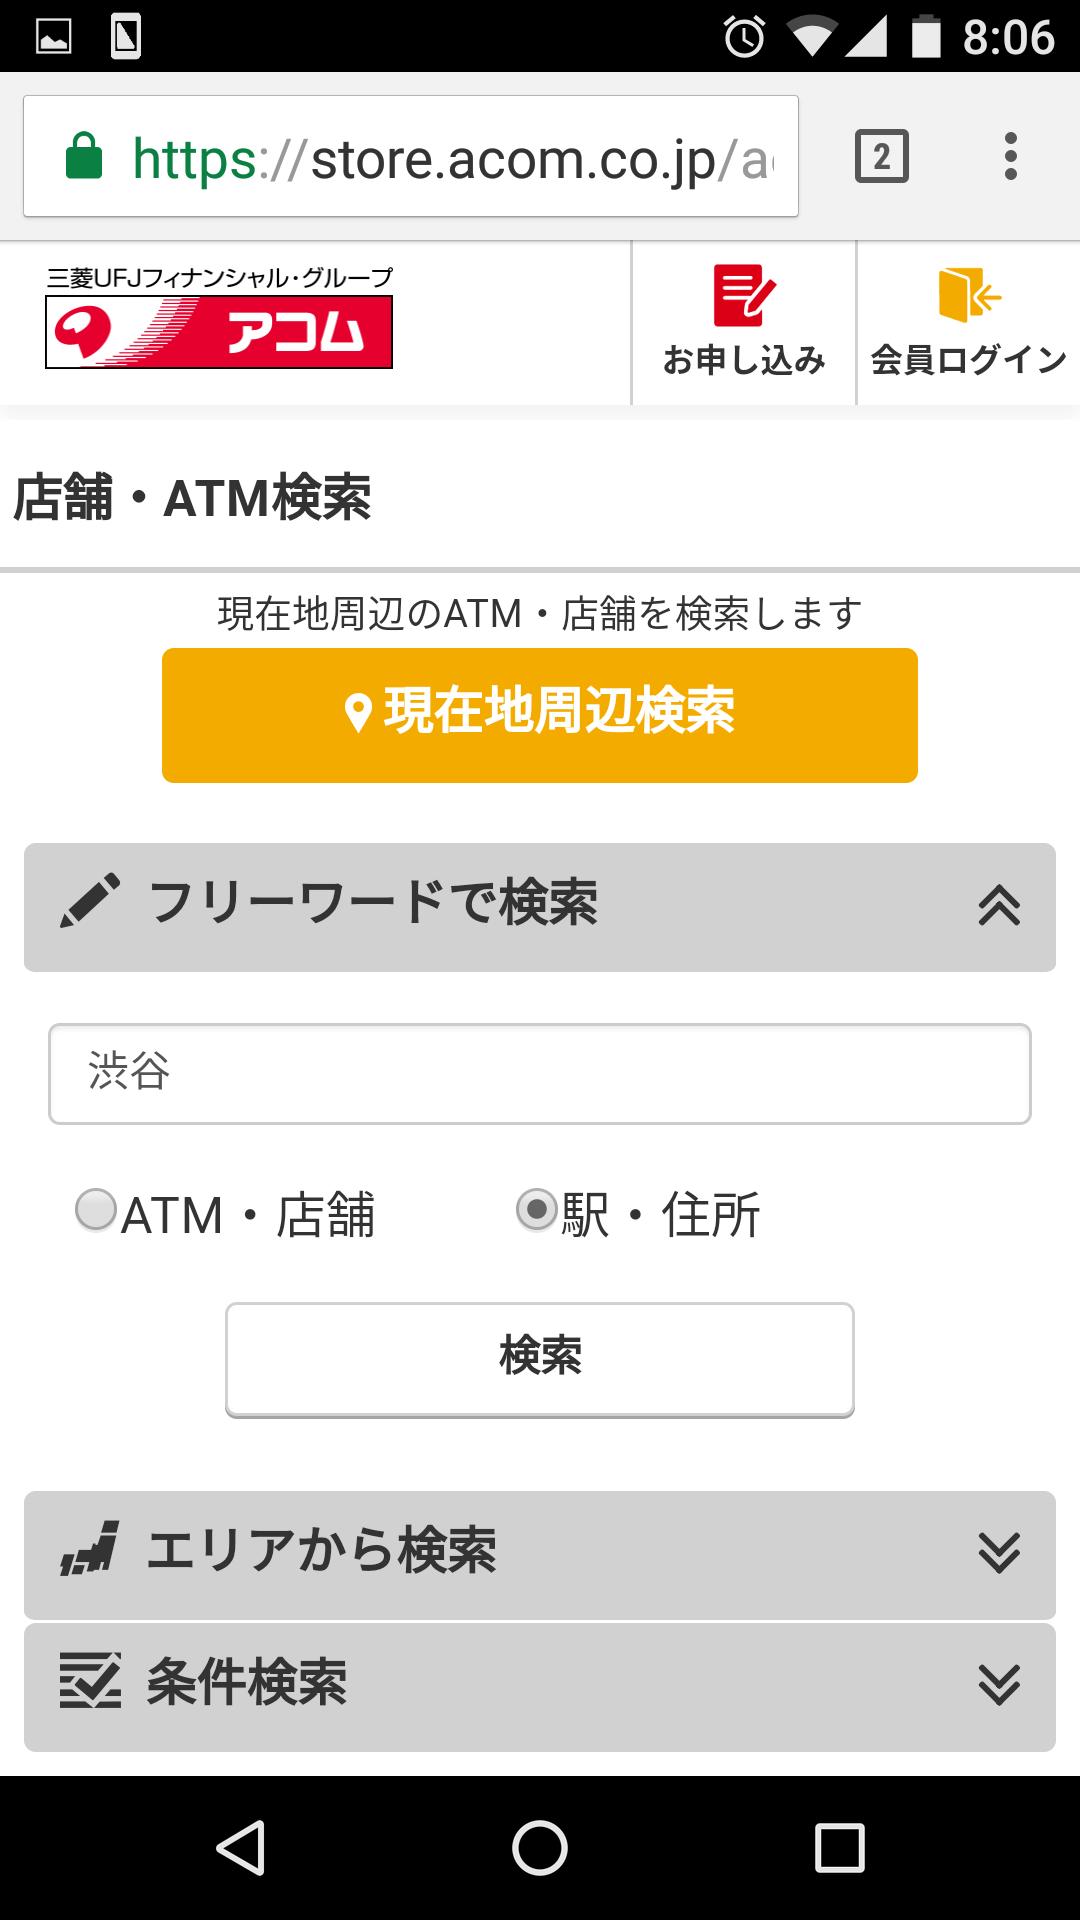 「フリーワード検索」で「渋谷」を検索